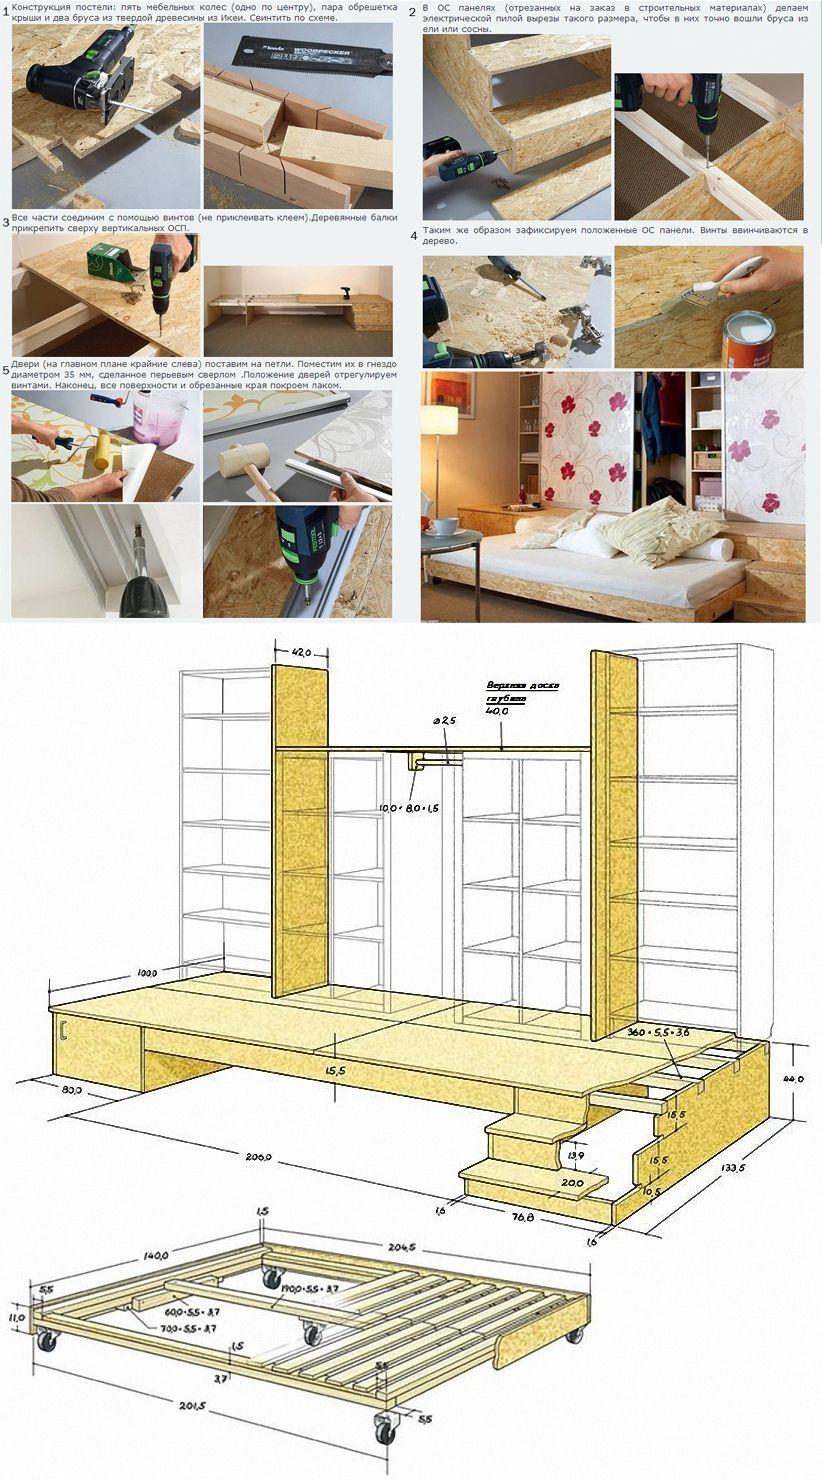 Full Size of Podestbett Ikea Hack Anleitung Podest Bett Diy Bauen Selber Aus Regalen Betten 160x200 Modulküche Bei Miniküche Küche Kosten Sofa Mit Schlaffunktion Kaufen Wohnzimmer Podestbett Ikea